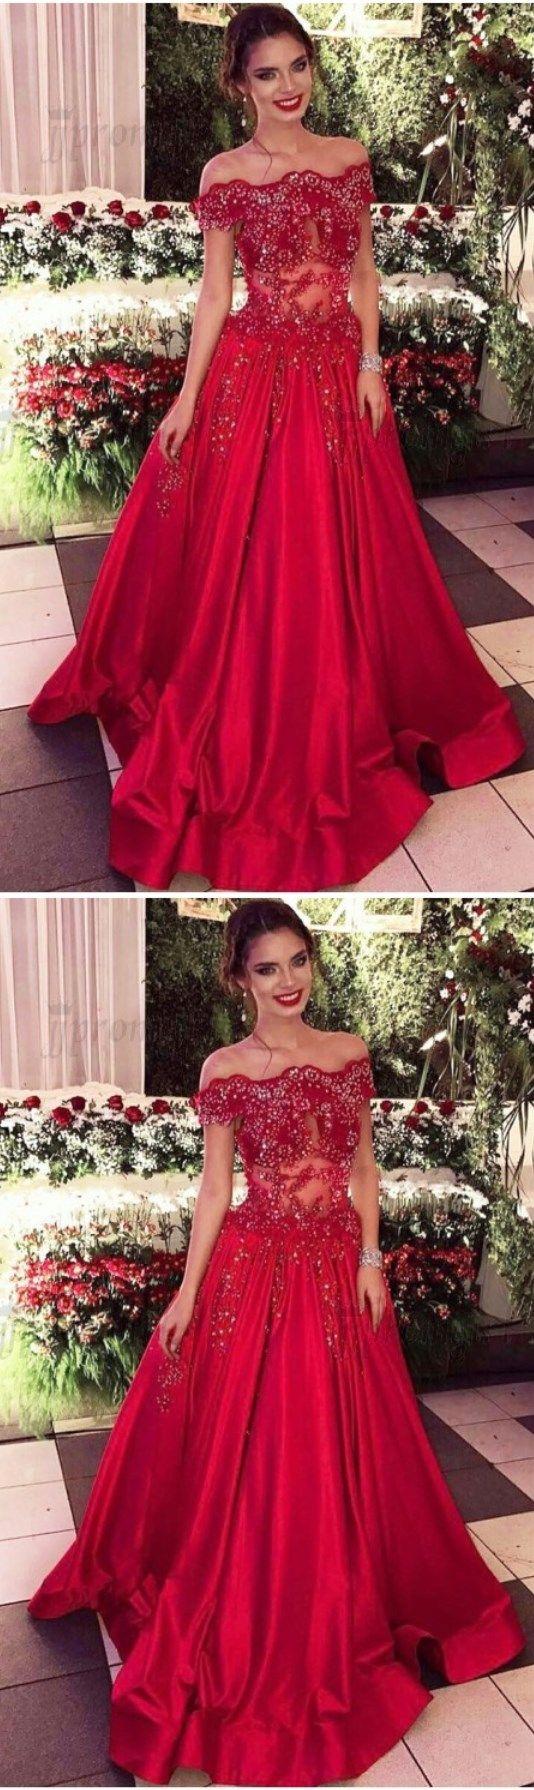 Red prom dressesaline prom dresseslong red prom dressesbeaded